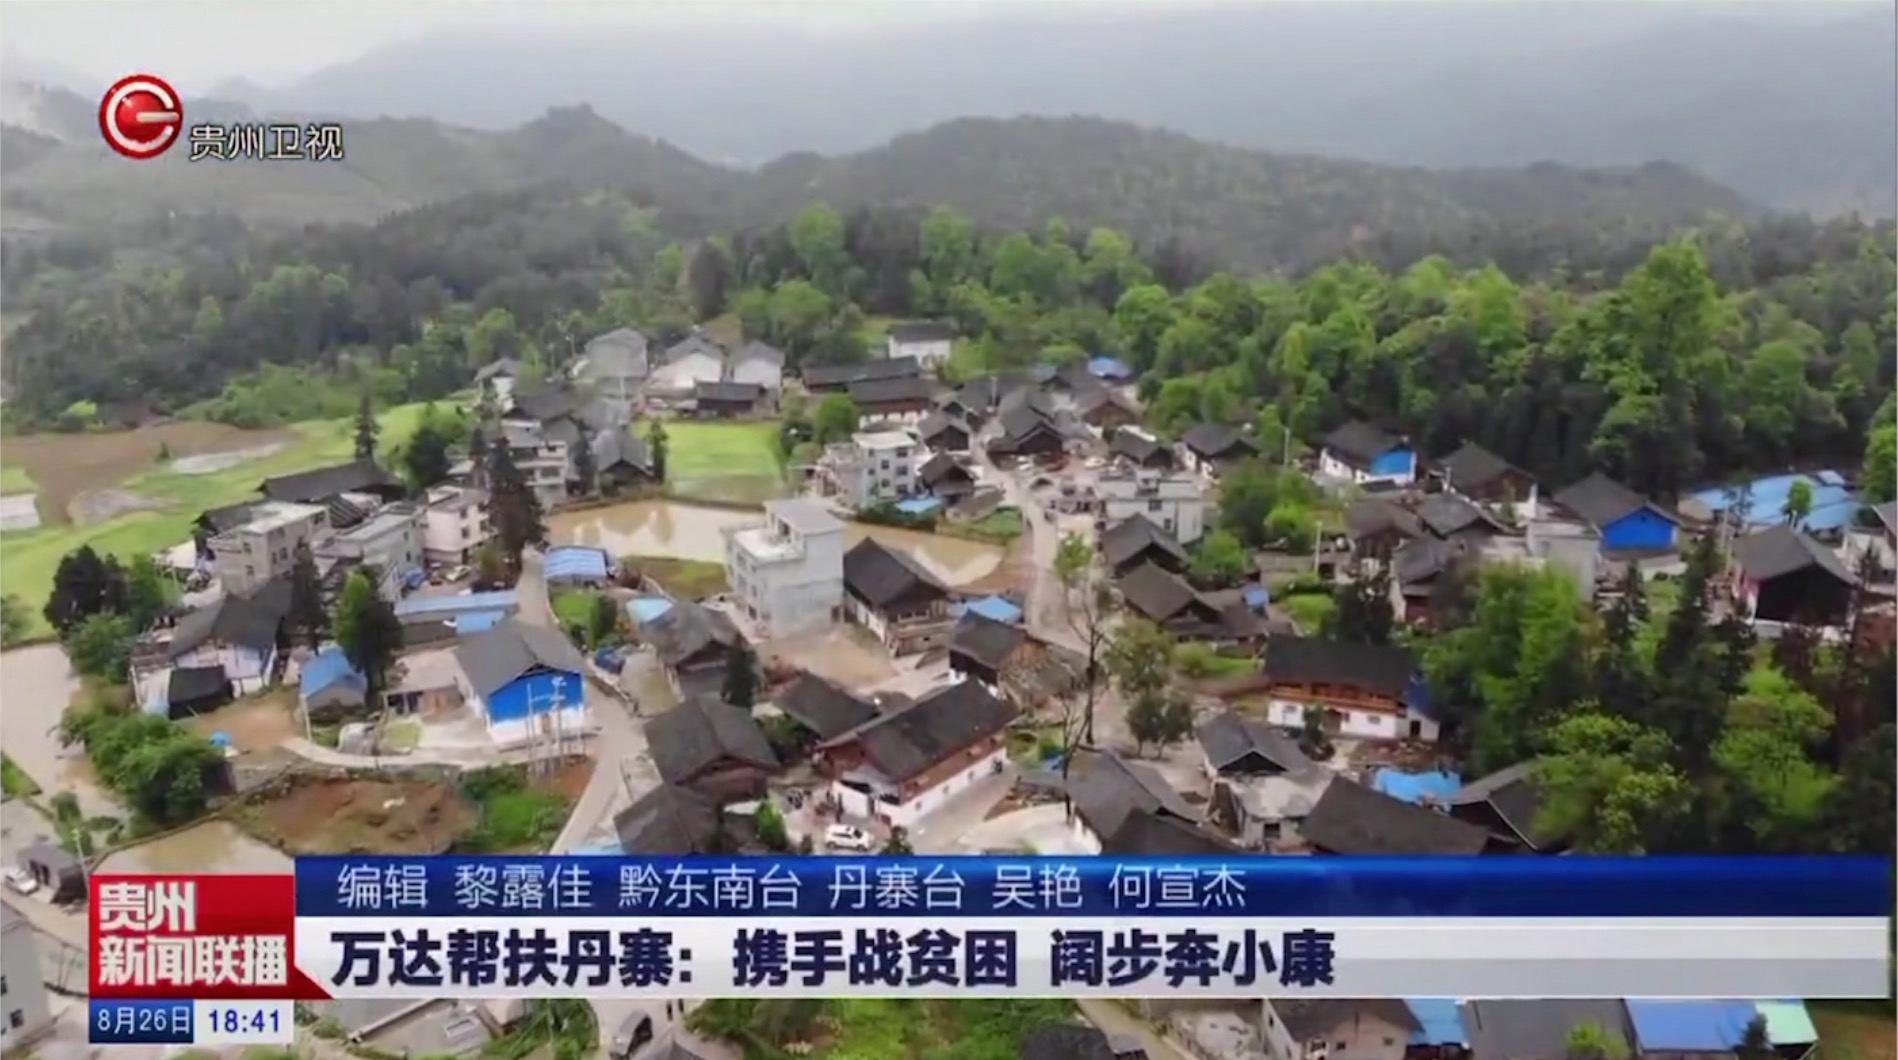 貴州新聞聯播長篇報道點贊萬達扶貧成果